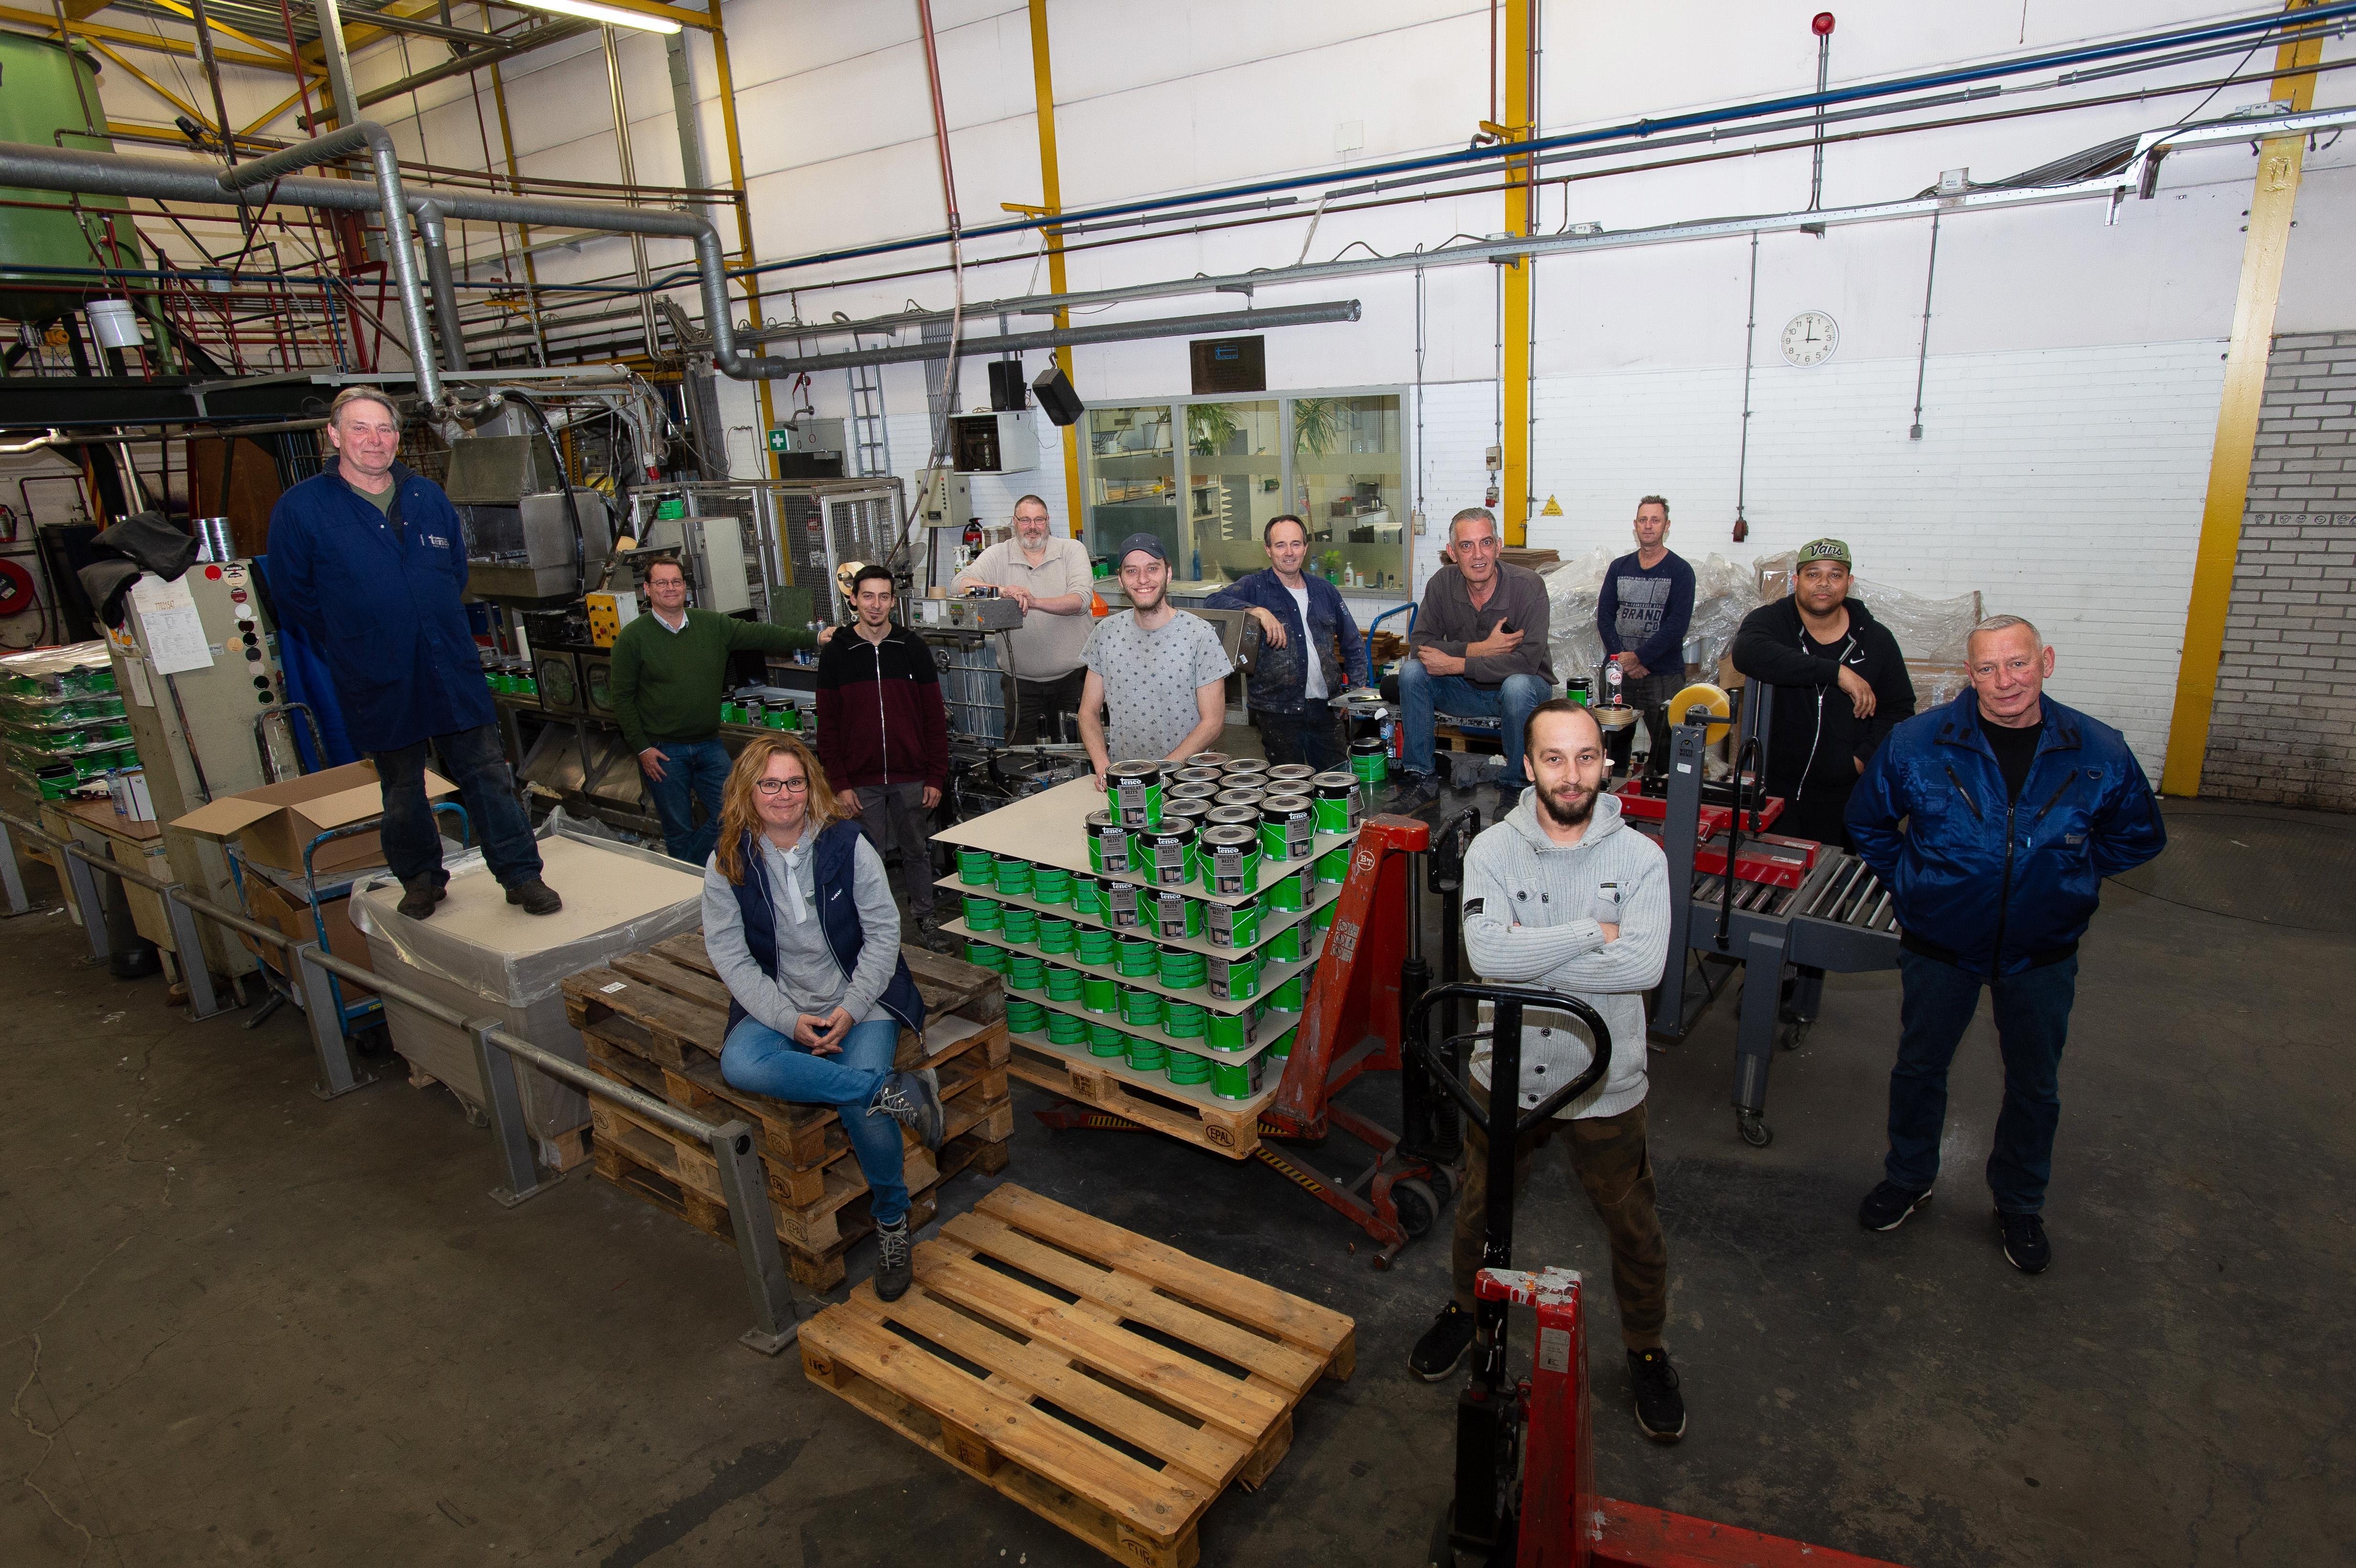 'Wij maken het meest bekende onbekende merk in Nederland': Verffabriek Touwen & Co. vertrekt na 35 jaar uit Zaandam